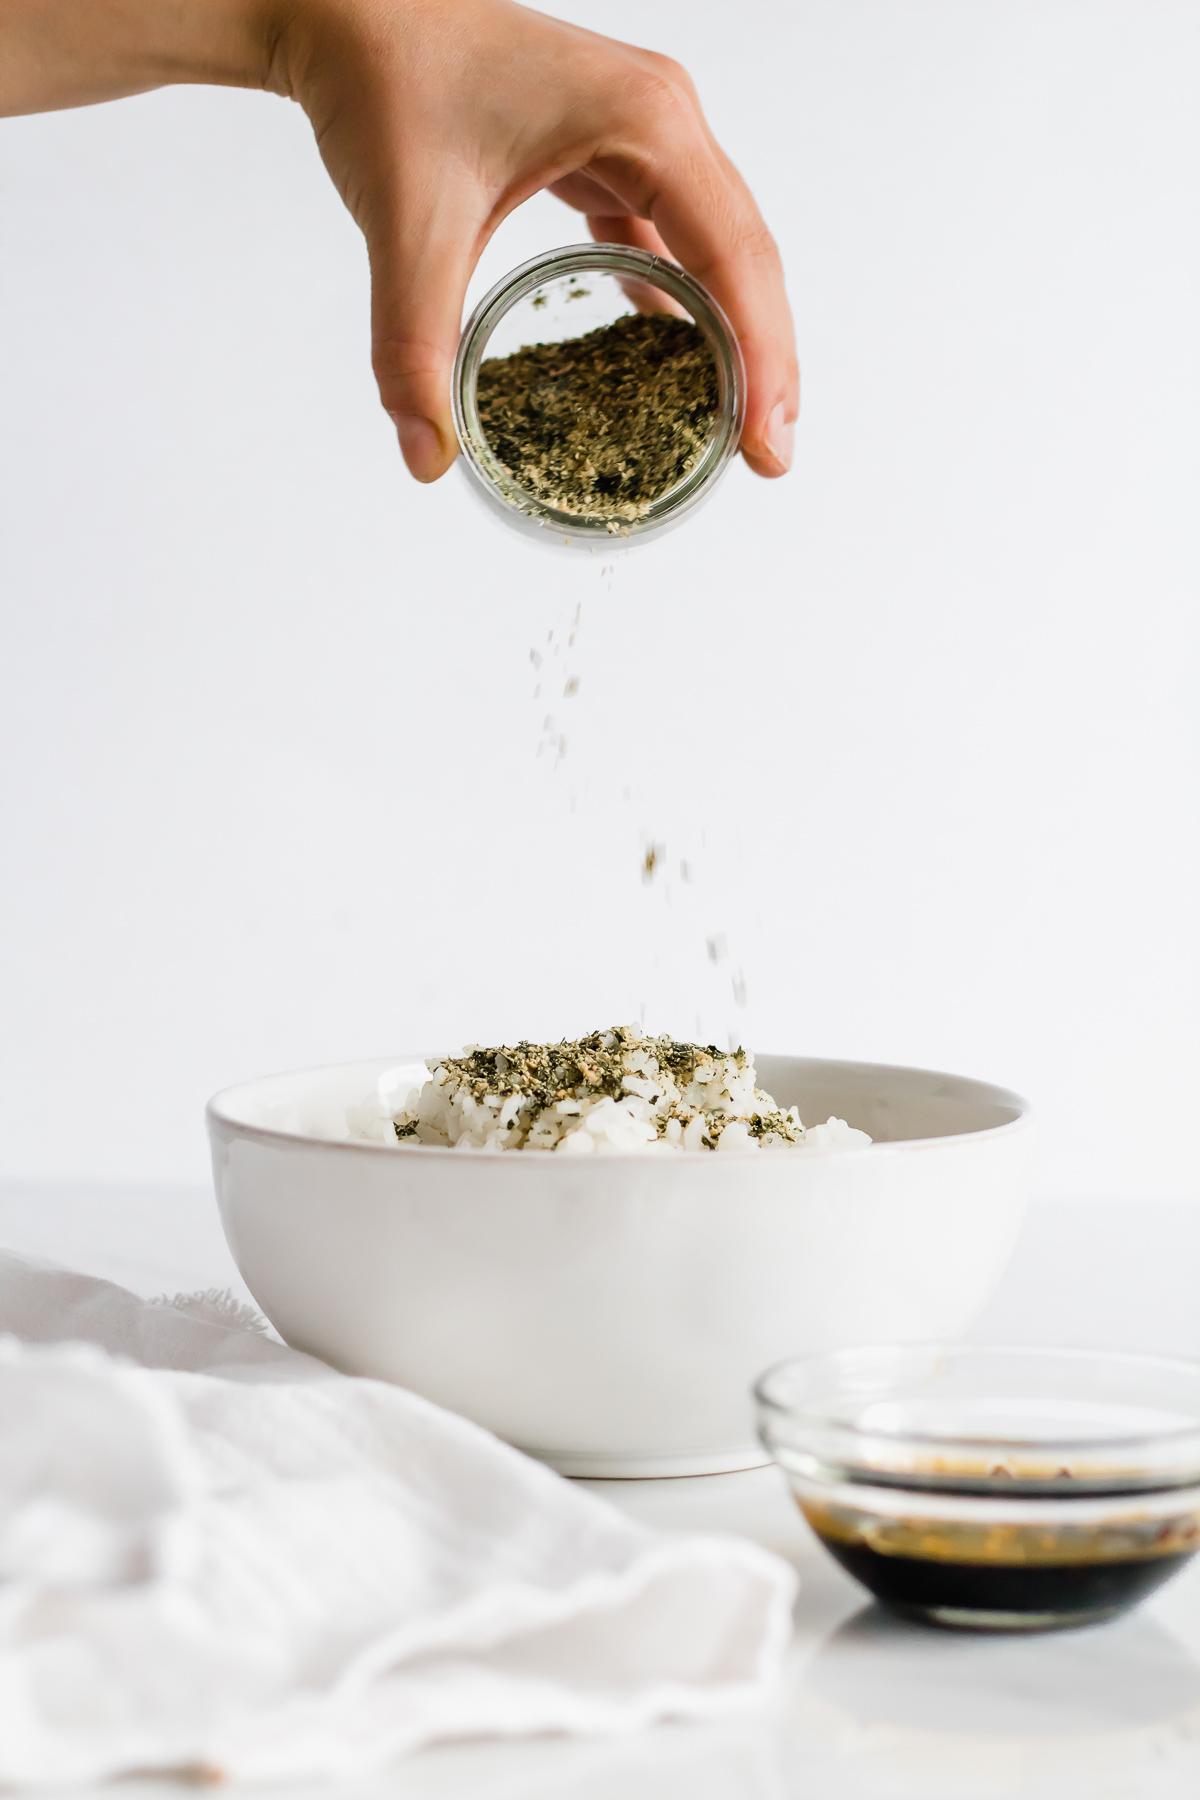 furikake-seasoning-on-white-rice